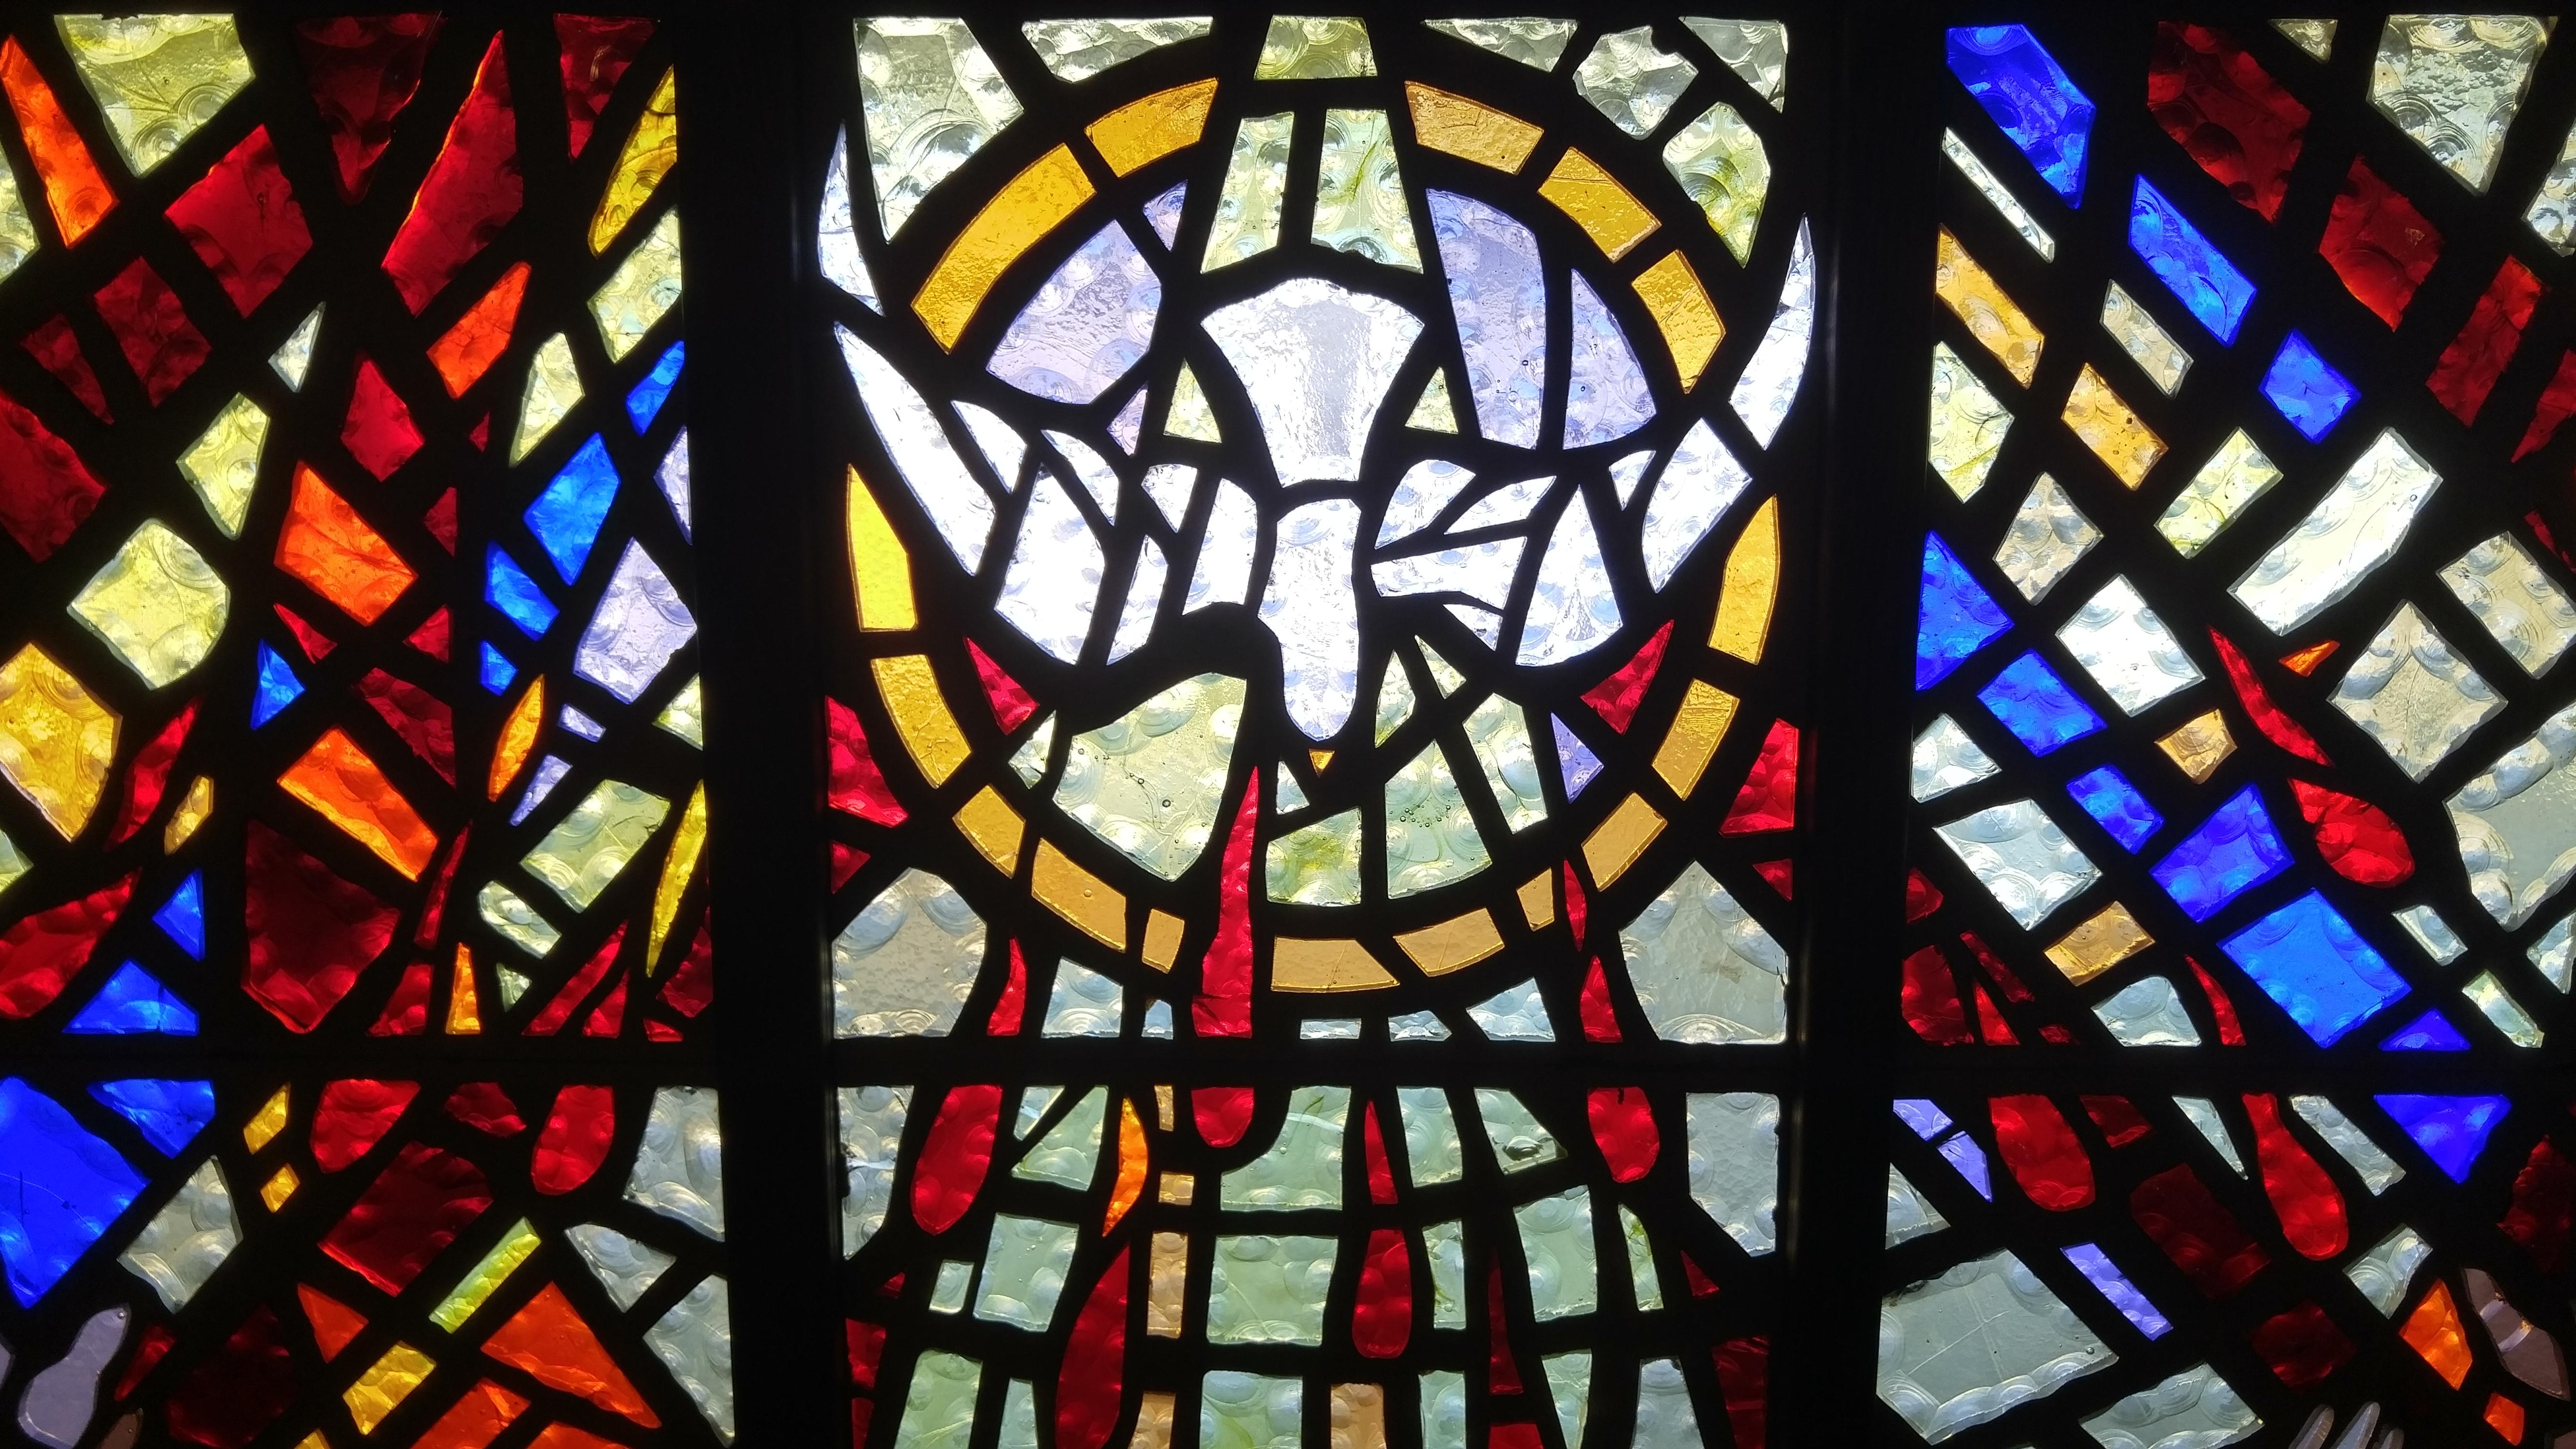 Church | United States | Our Lady of Refuge Roman Catholic Parish